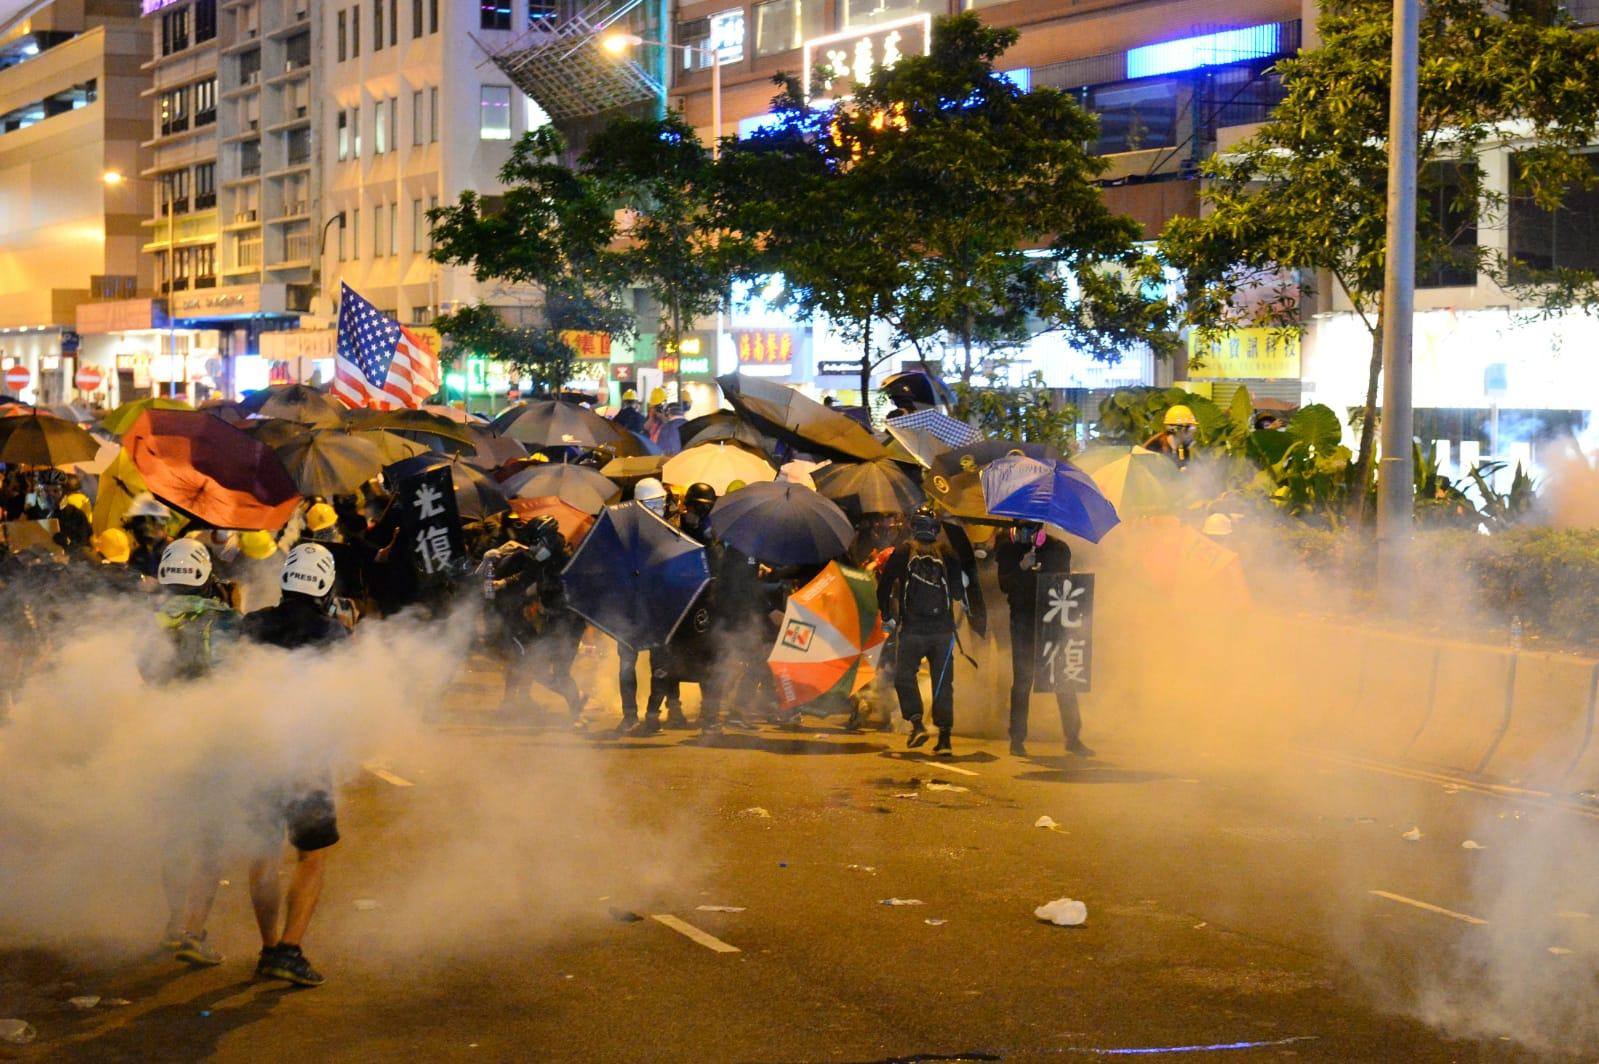 2019年7月28日,香港,面對警察頻繁發射橡膠子彈及催淚彈清場,許多香港民眾戴上口罩與頭盔,並以雨傘抵抗。(宋碧龍/大紀元)